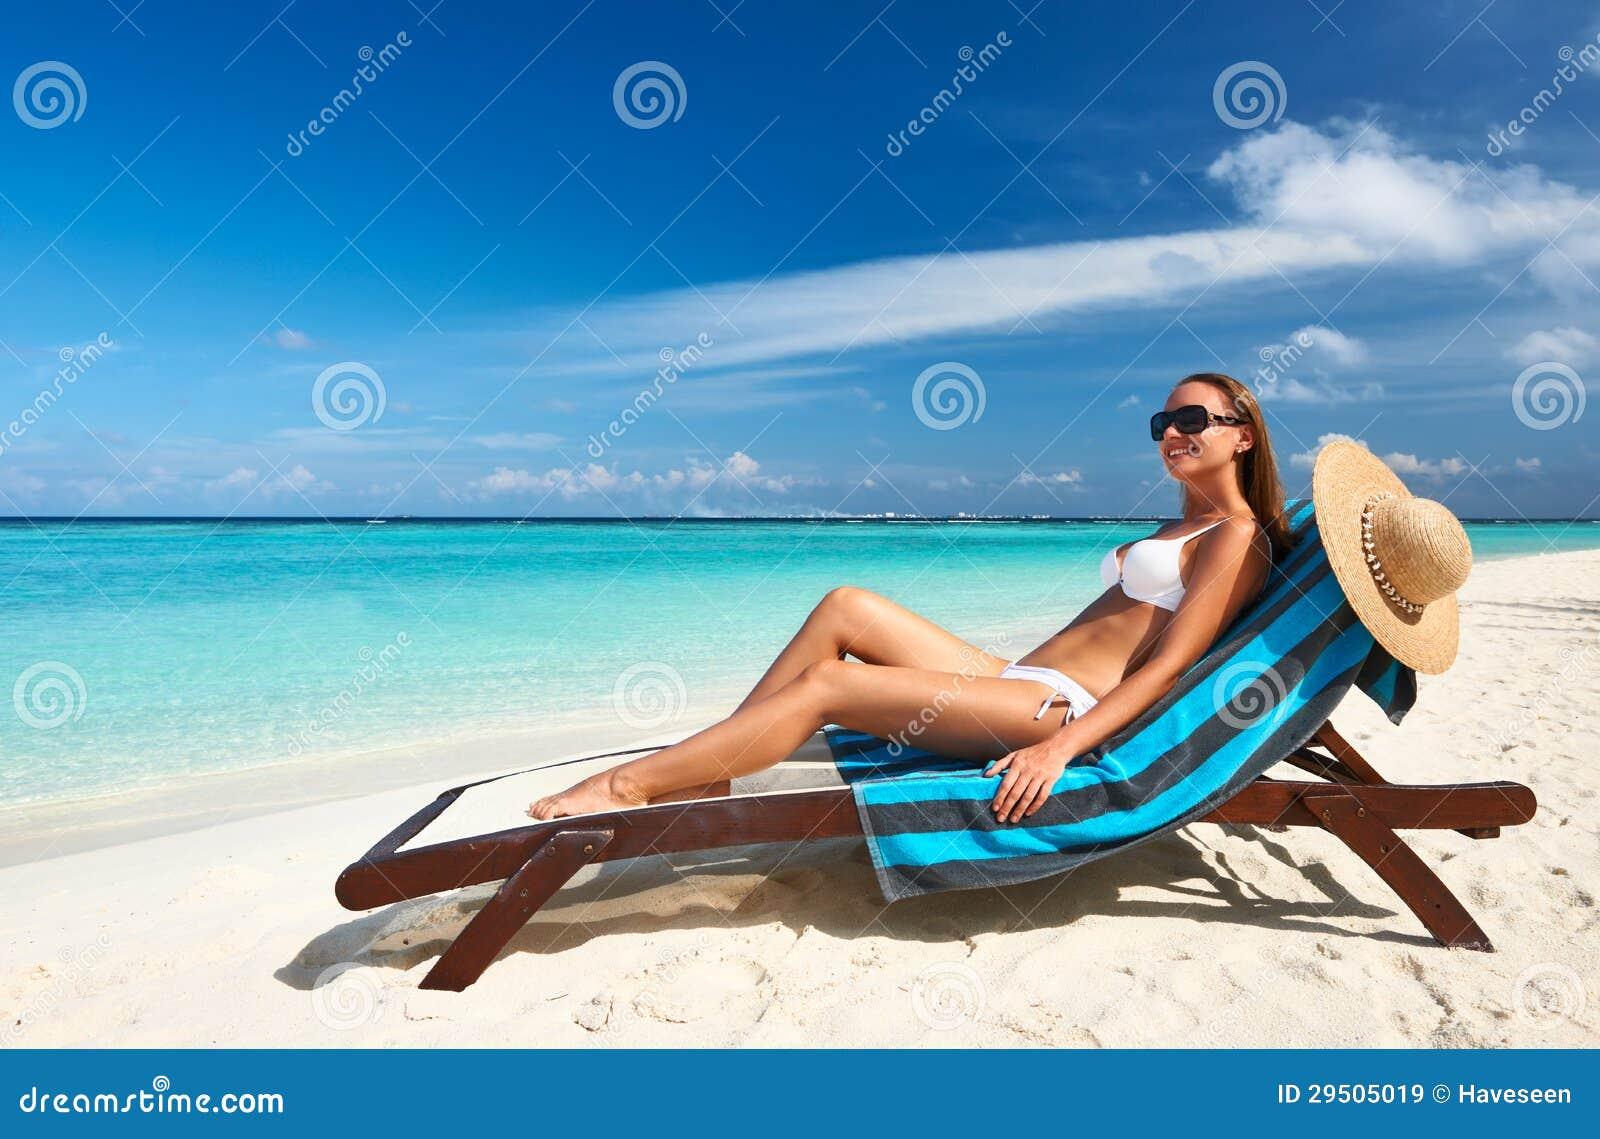 Jonge vrouw bij strand